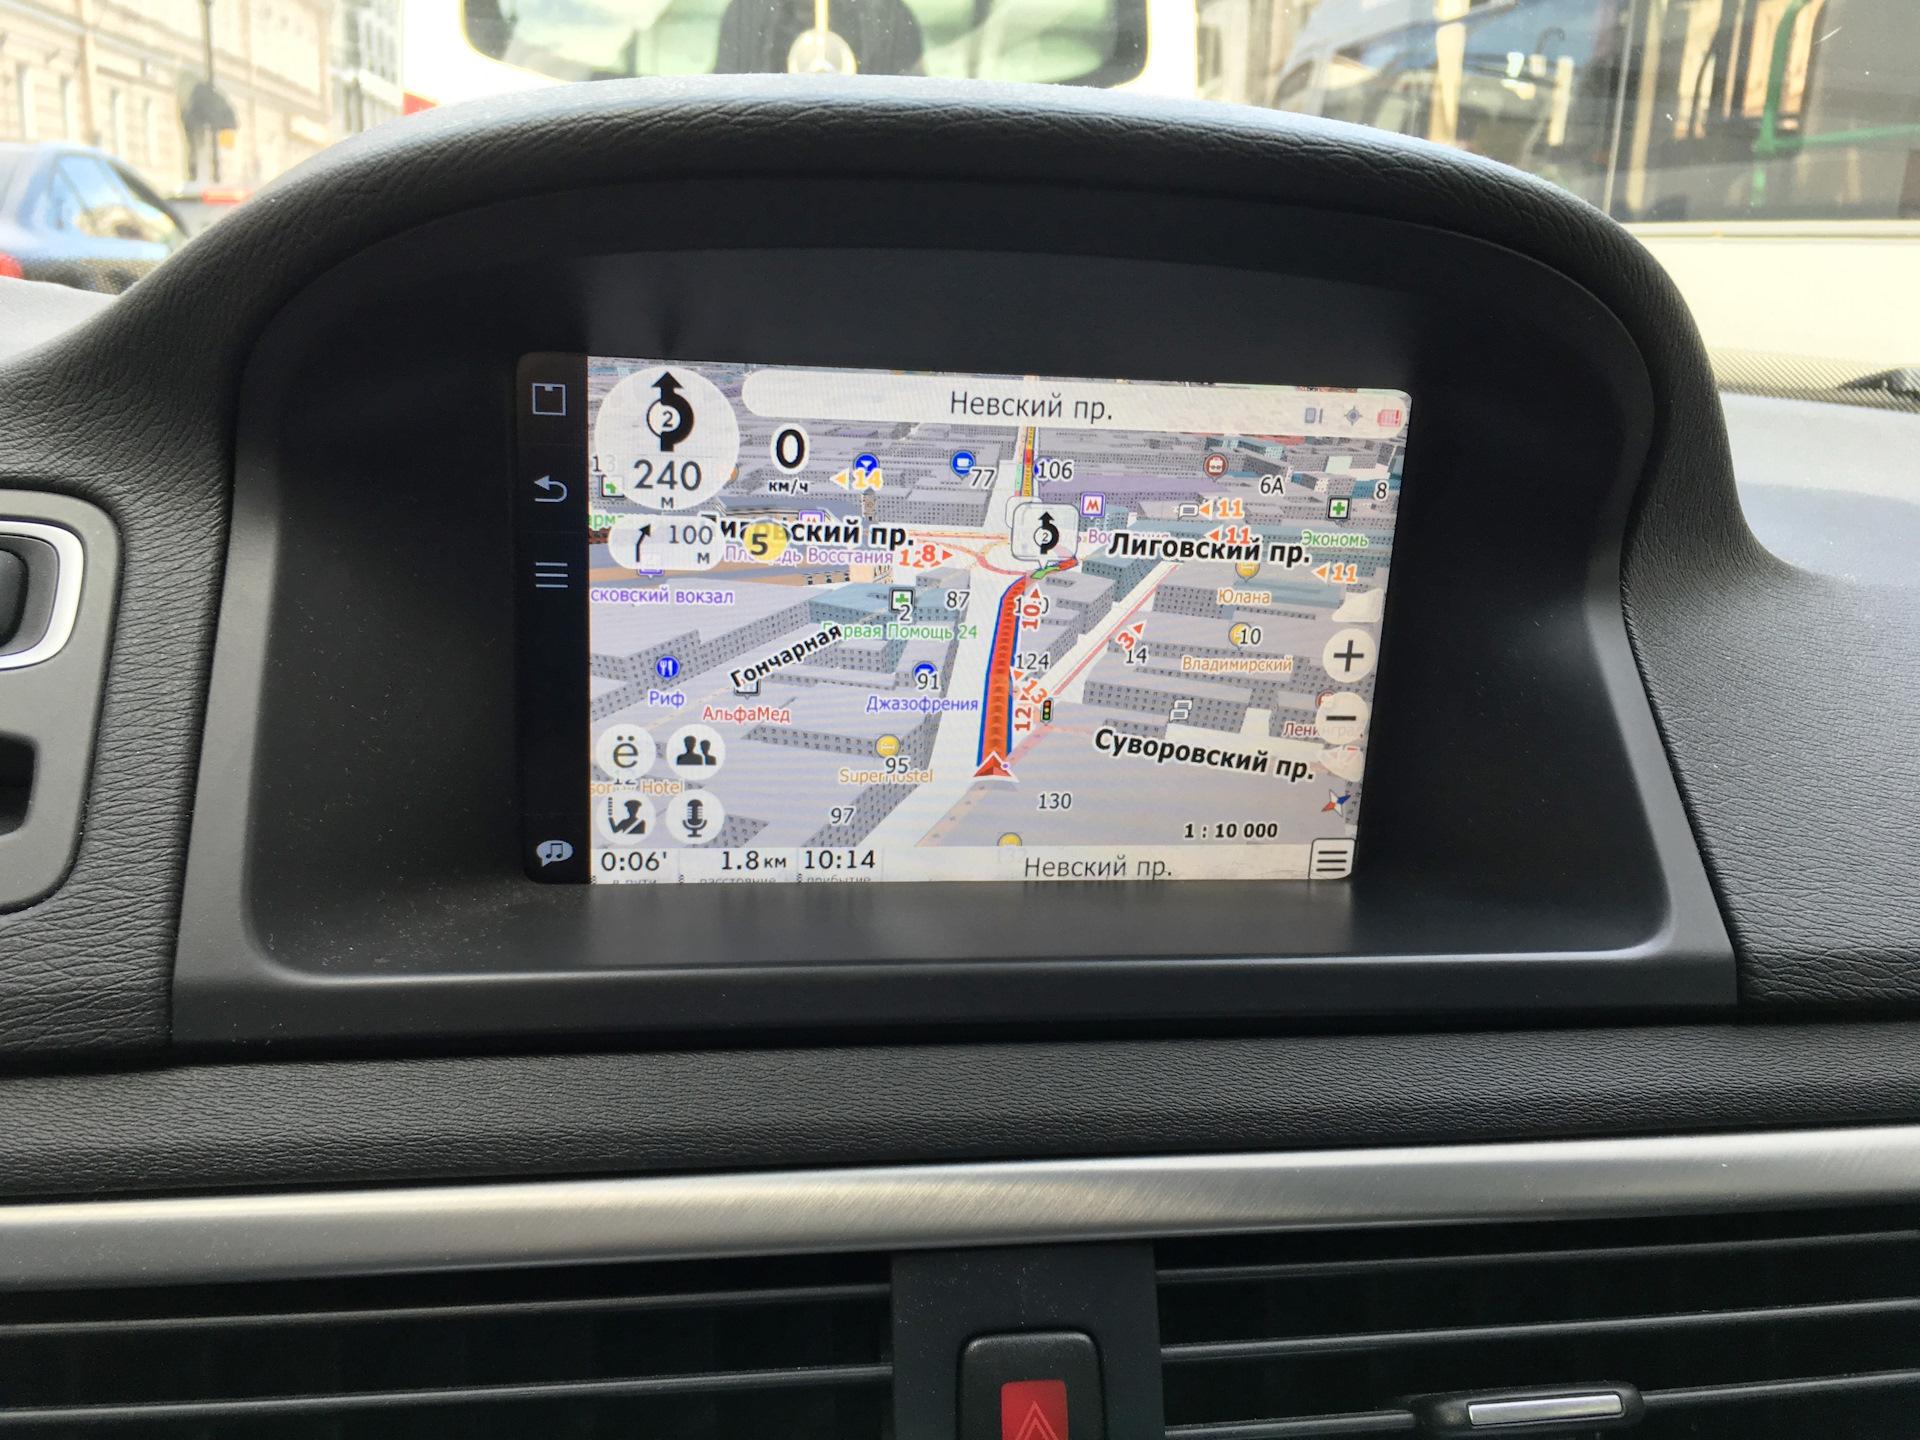 обновление штатной навигации на вольво